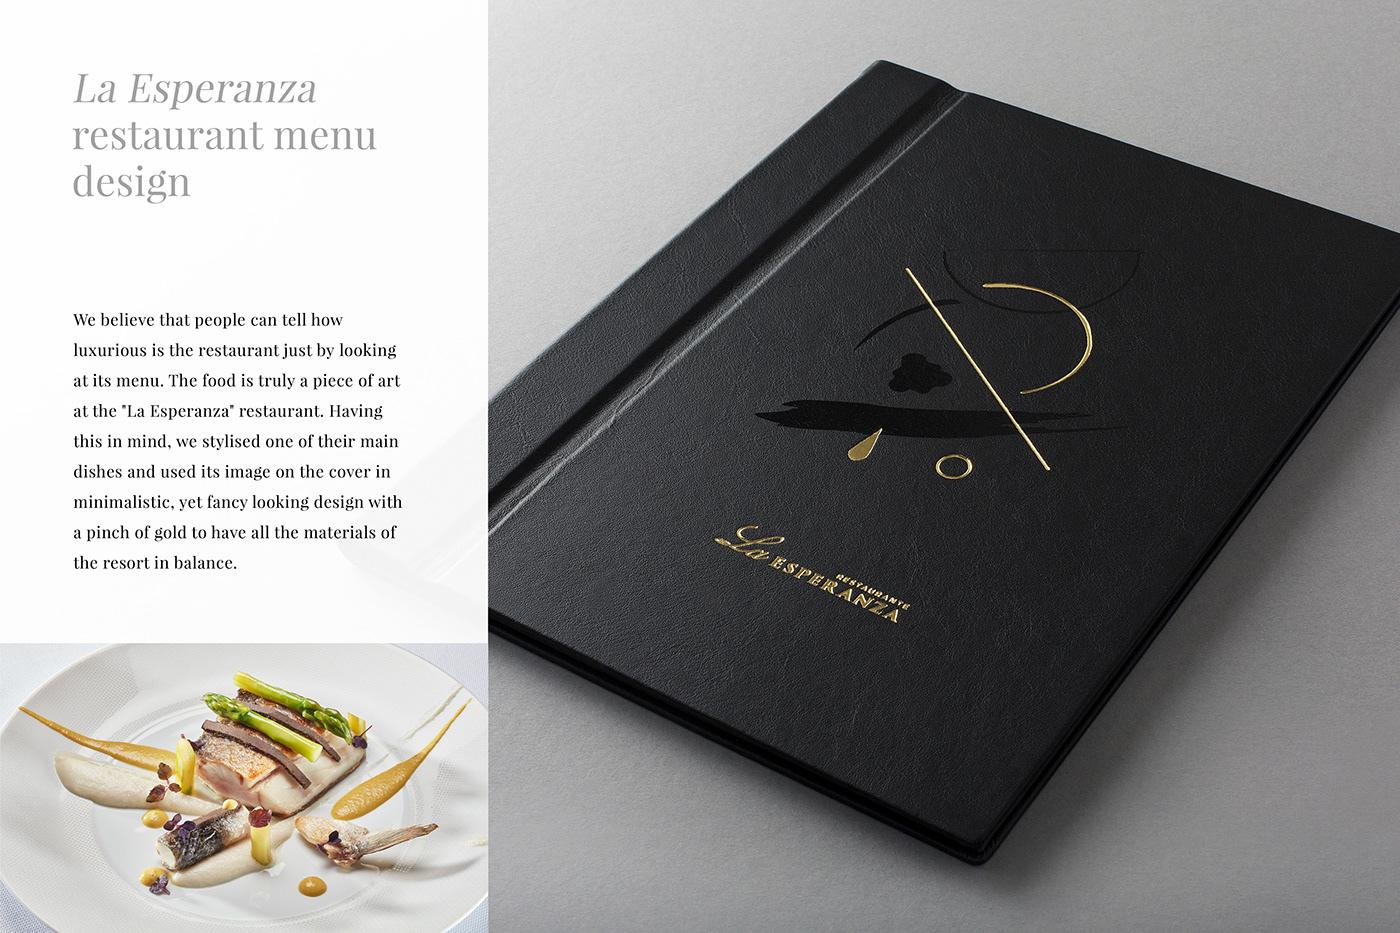 Restaurant La Esperanza Menu Design On Behance